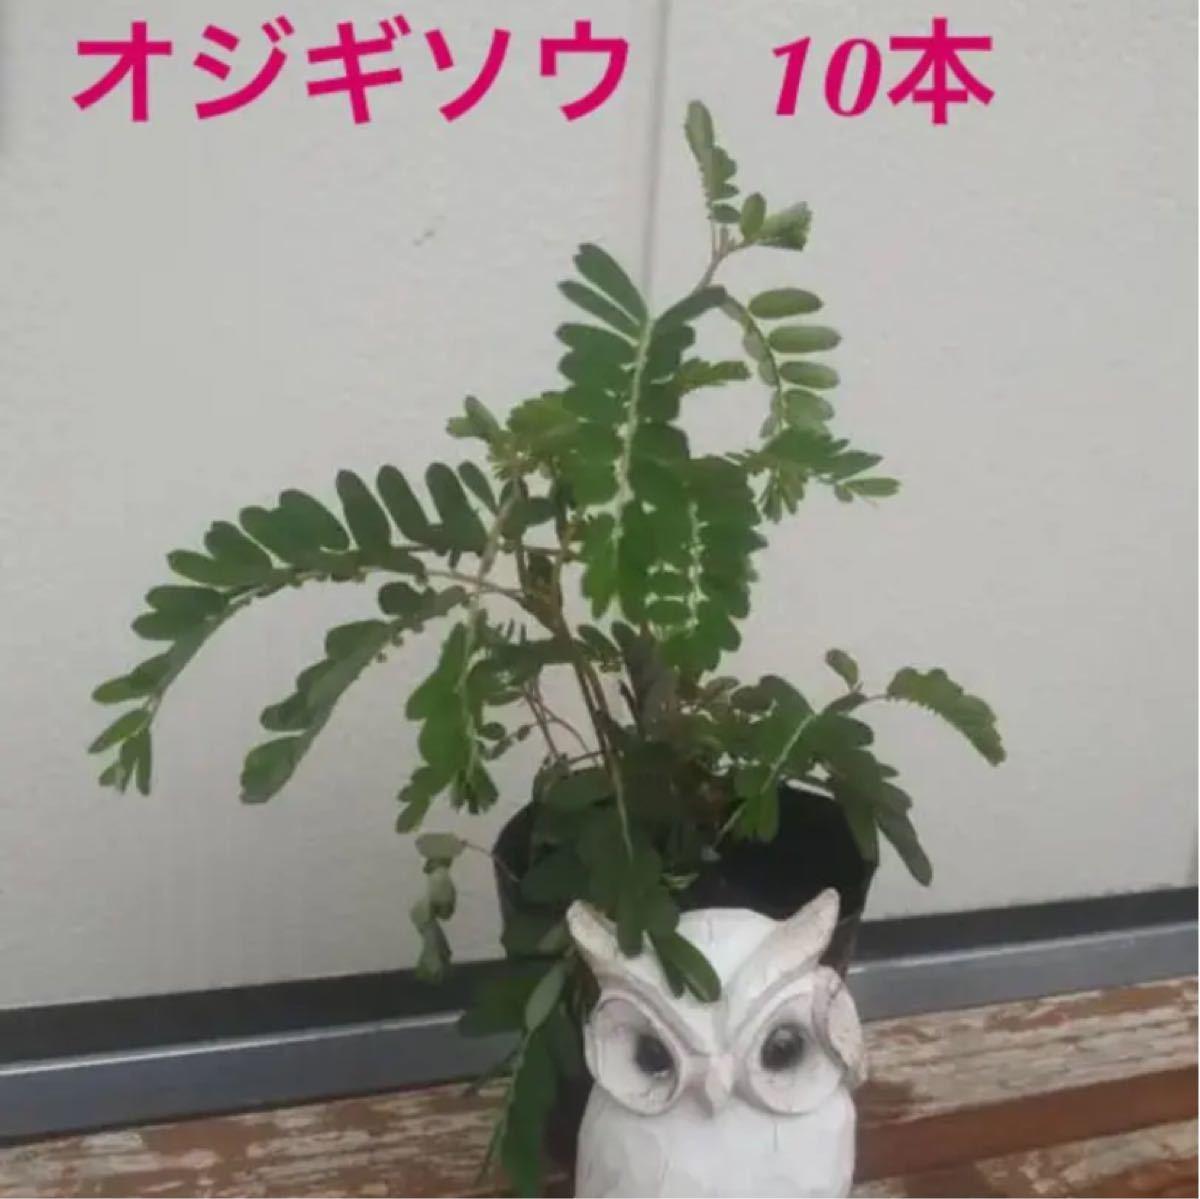 オジギソウ おじぎ草 抜き苗10本